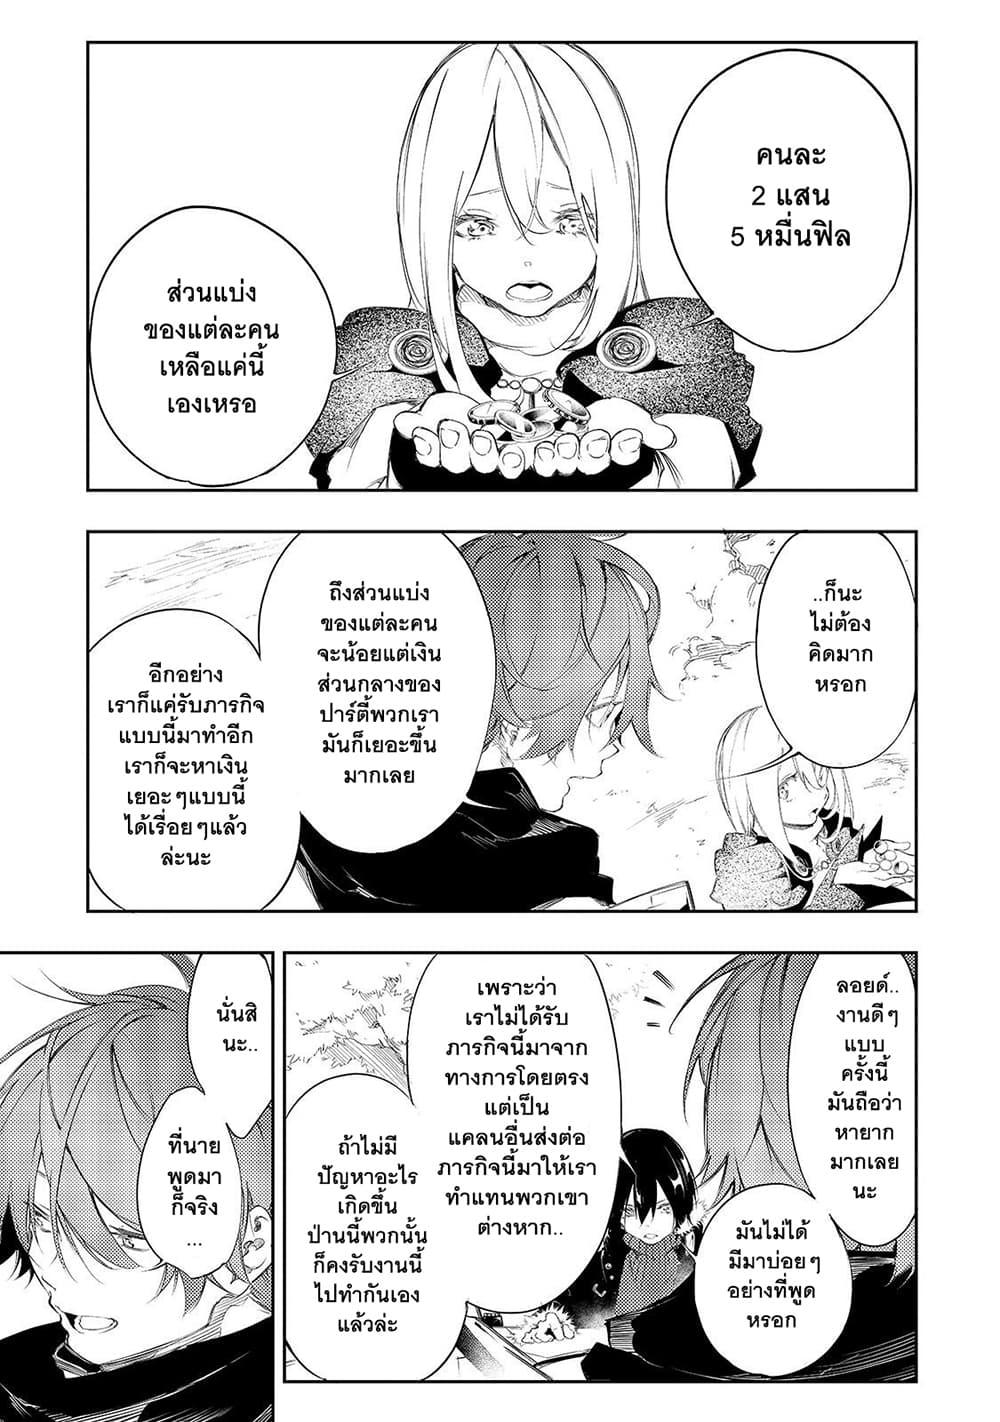 อ่านการ์ตูน Saikyou no Shien-shoku Wajutsushi Dearu Ore wa Sekai Saikyou Kuran o Shitagaeru ตอนที่ 3 หน้าที่ 14